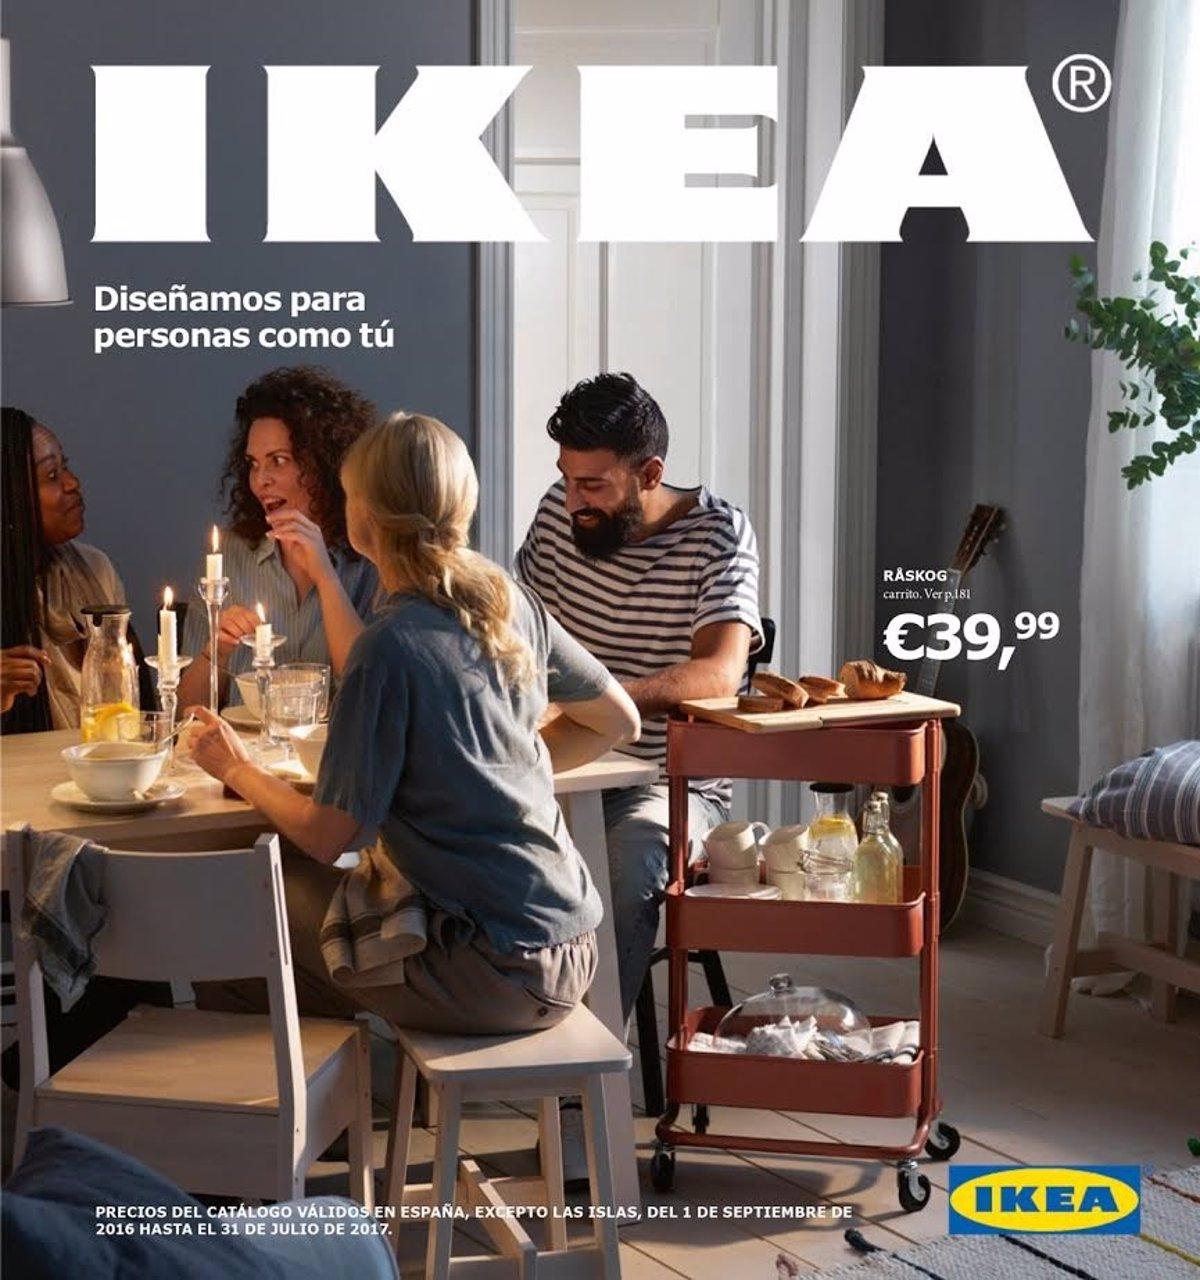 Ikea reparte 1,4 millones de catálogos en Andalucía y se